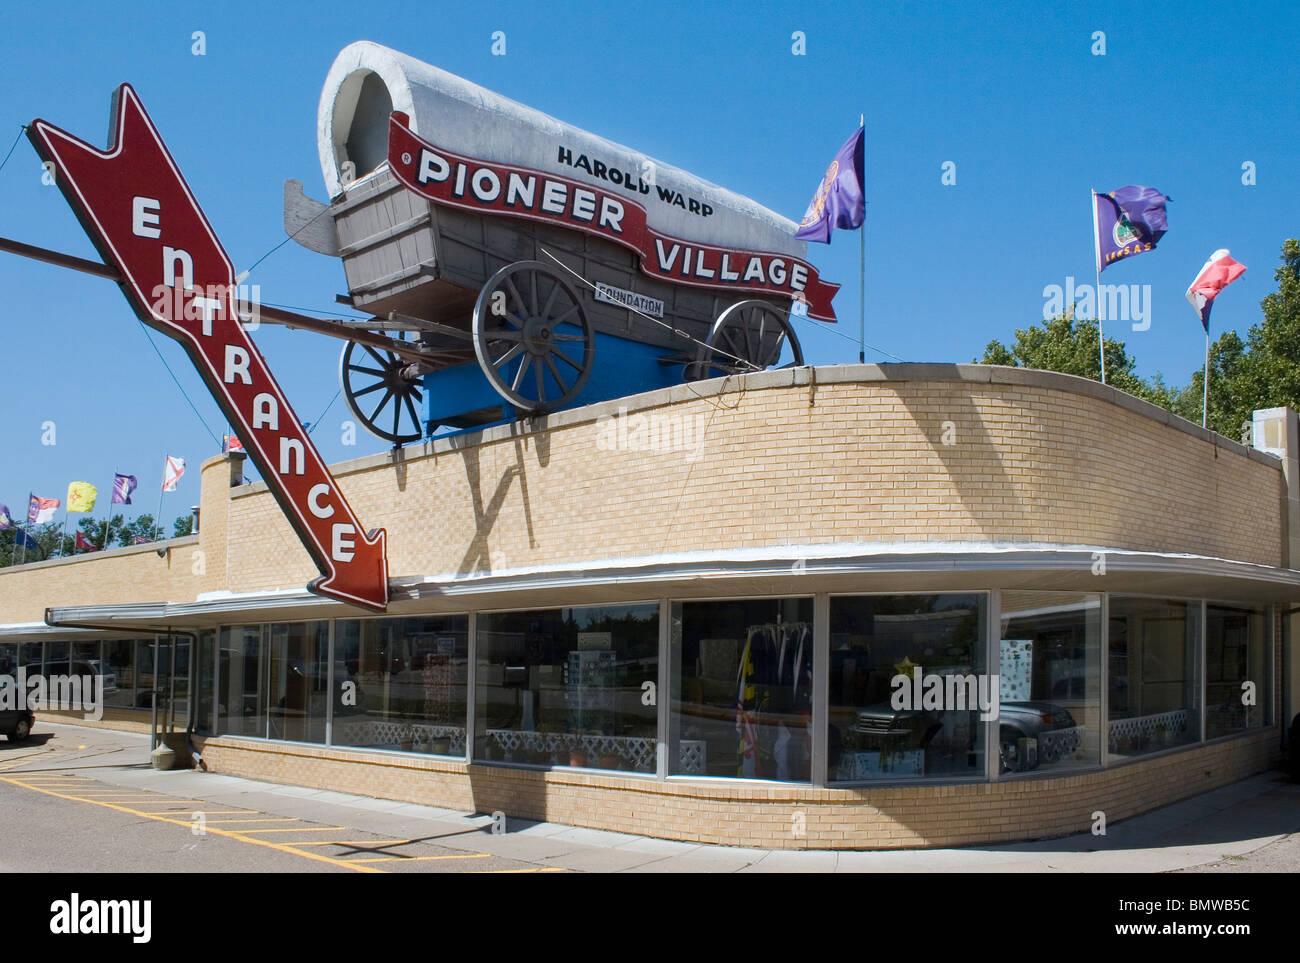 Harold Warp's Pioneer Village in Minden Nebraska - Stock Image